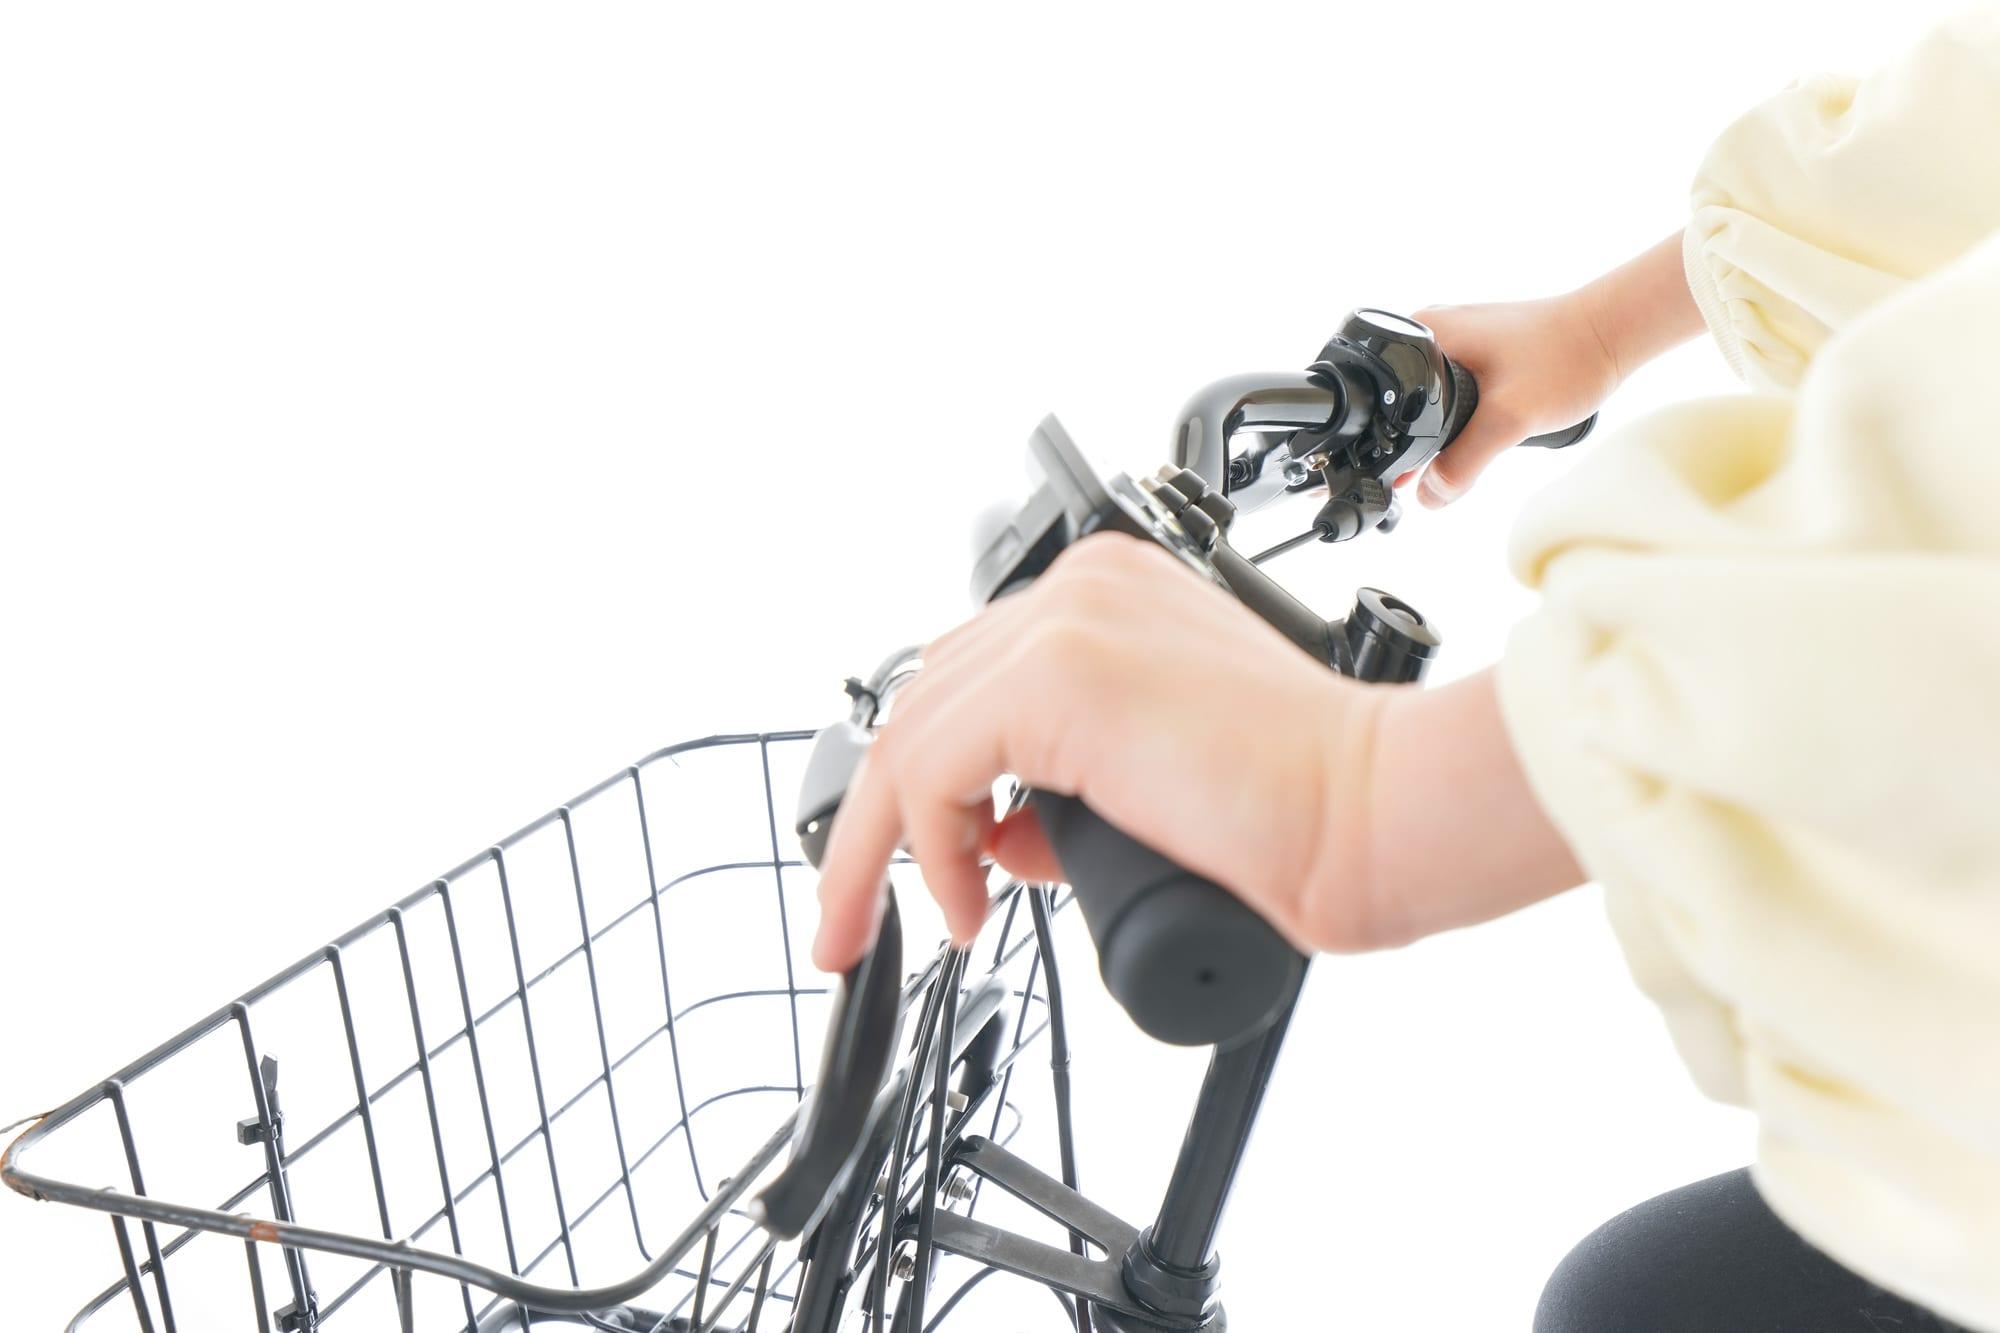 自転車事故は重大な結果を招く可能性がある